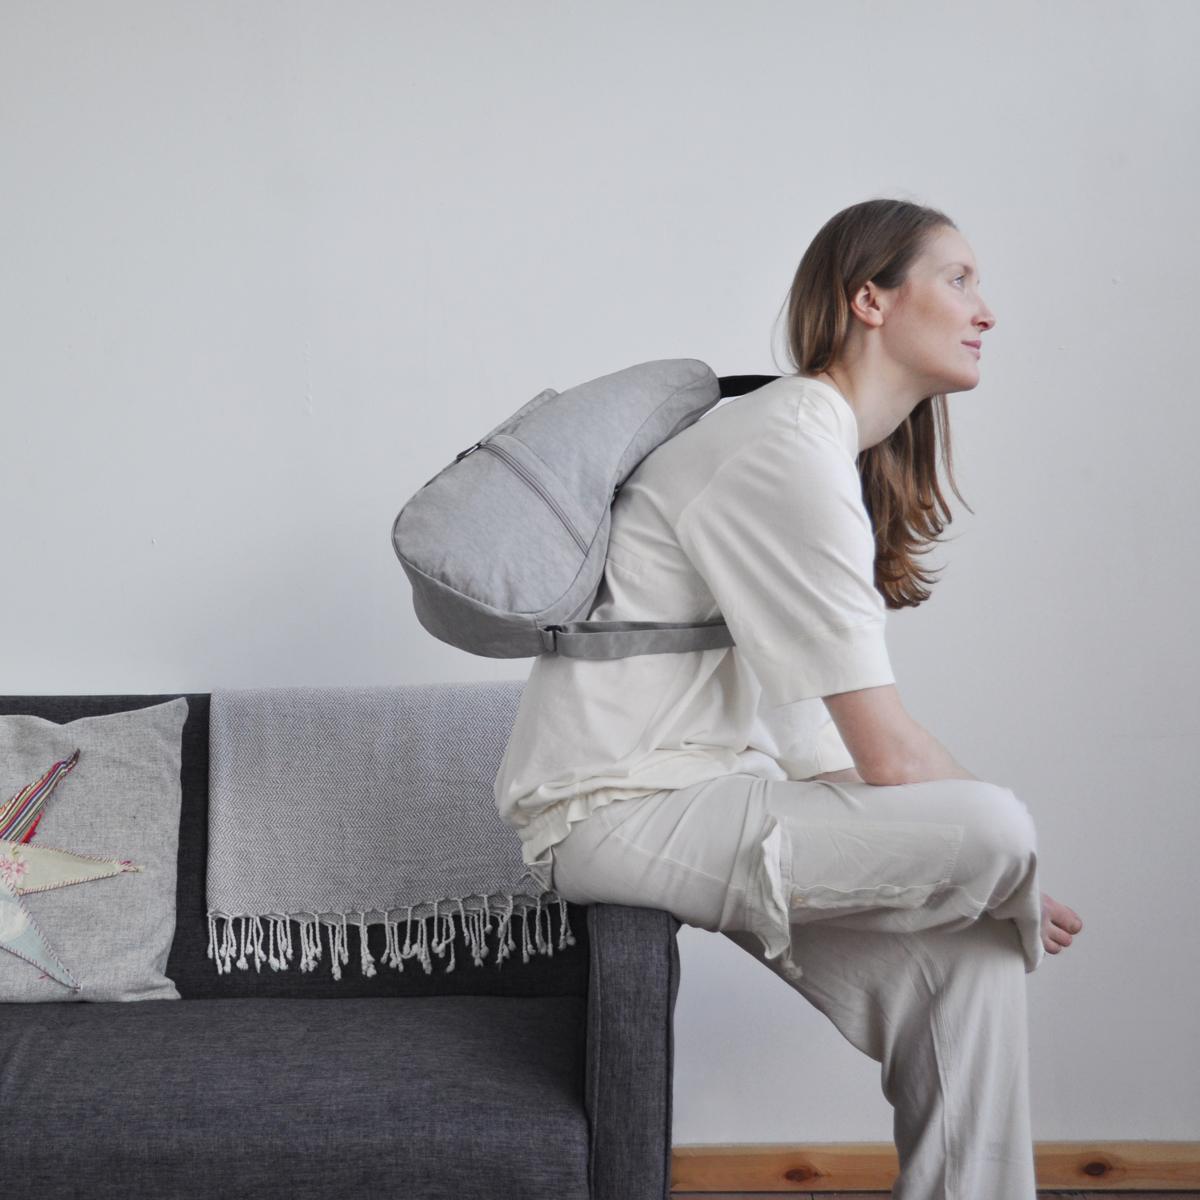 人間工学による「しずく型」で、体に負担をかけないバッグパックS Healthy Back Bag